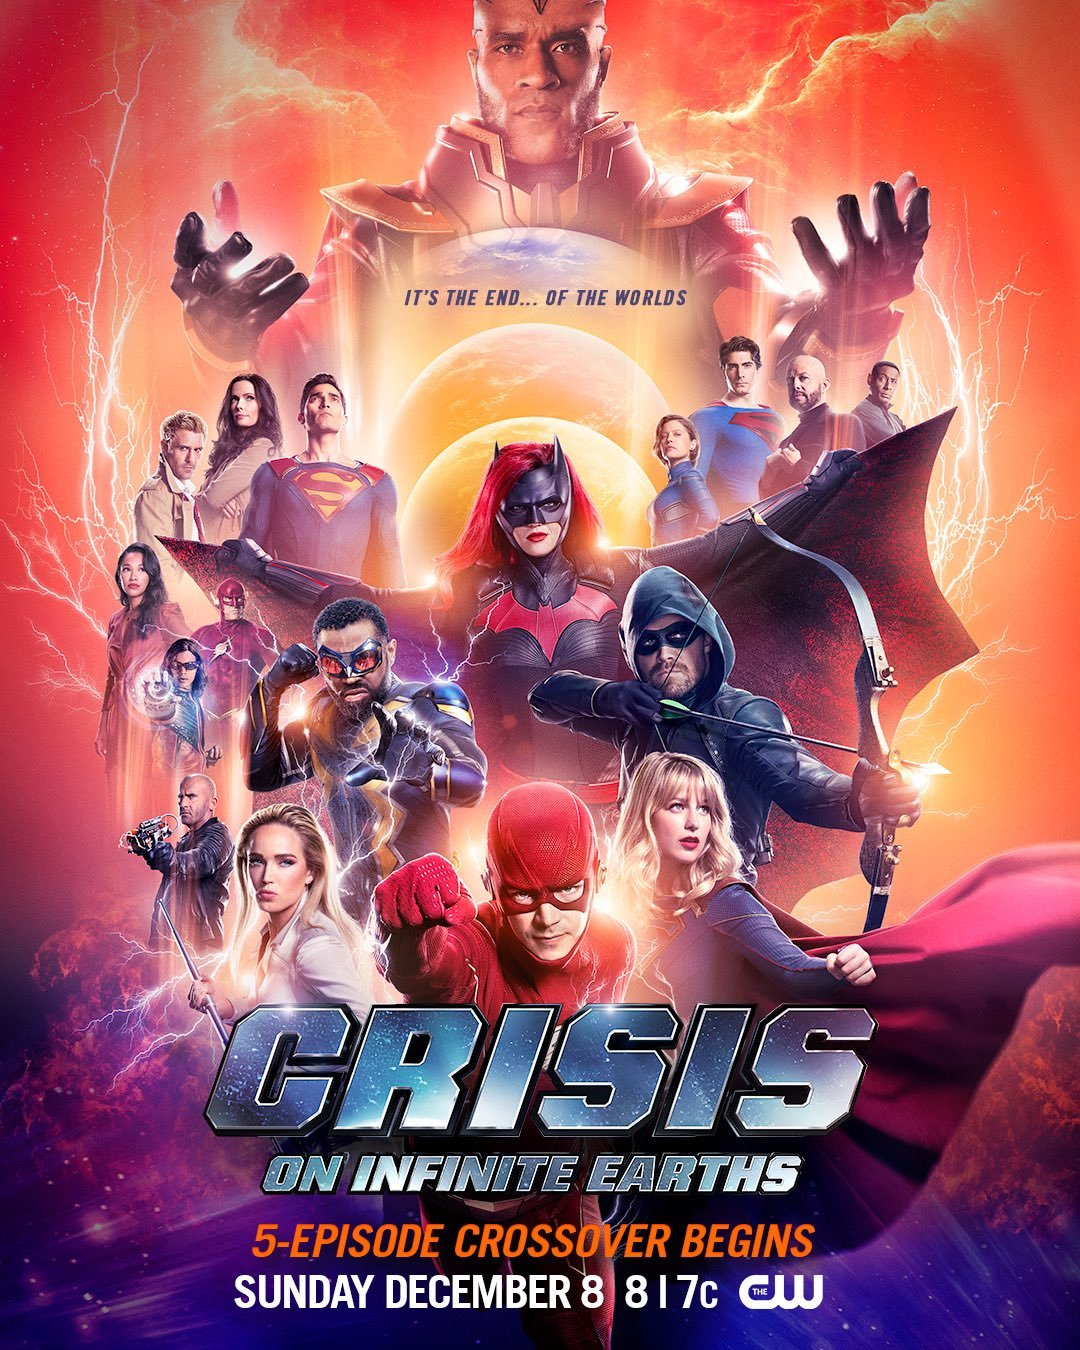 უსასრულო სამყაროების კრიზისი სეზონი 1 / Crisis on Infinite Earths Season 1: